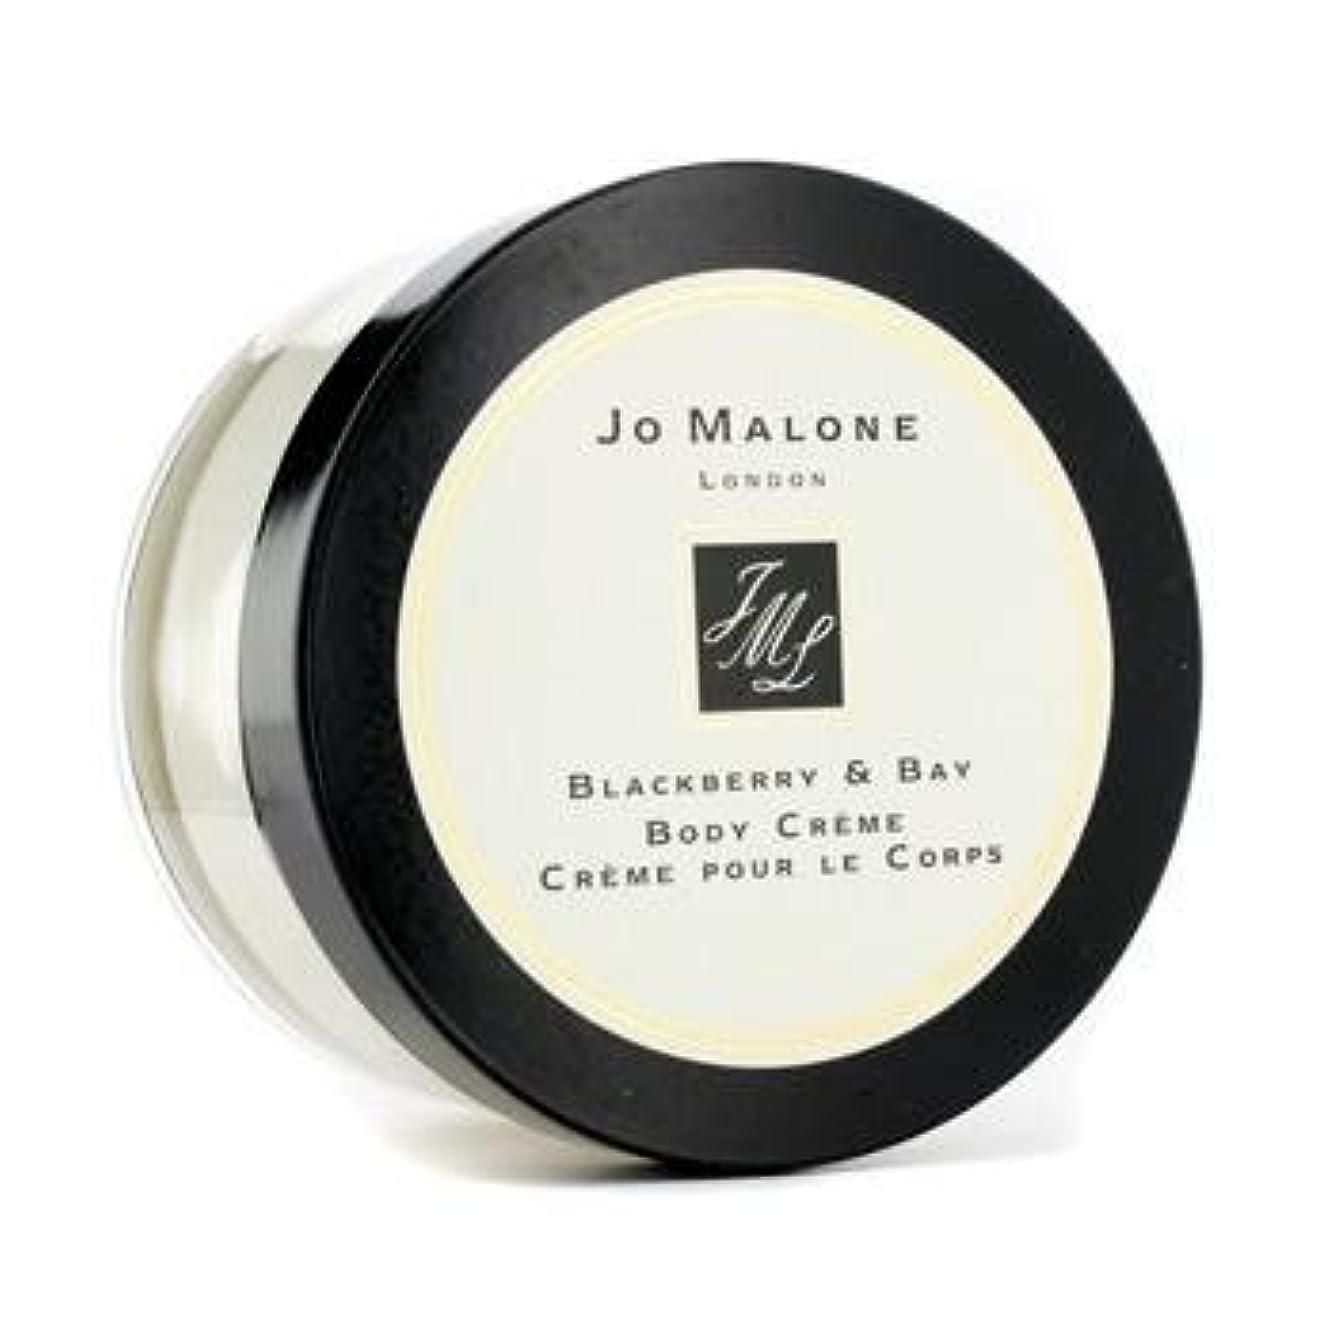 広い科学上げるJO MALONE ジョー マローン ブラックベリー & ベイ ボディクリーム 175ml [並行輸入品]